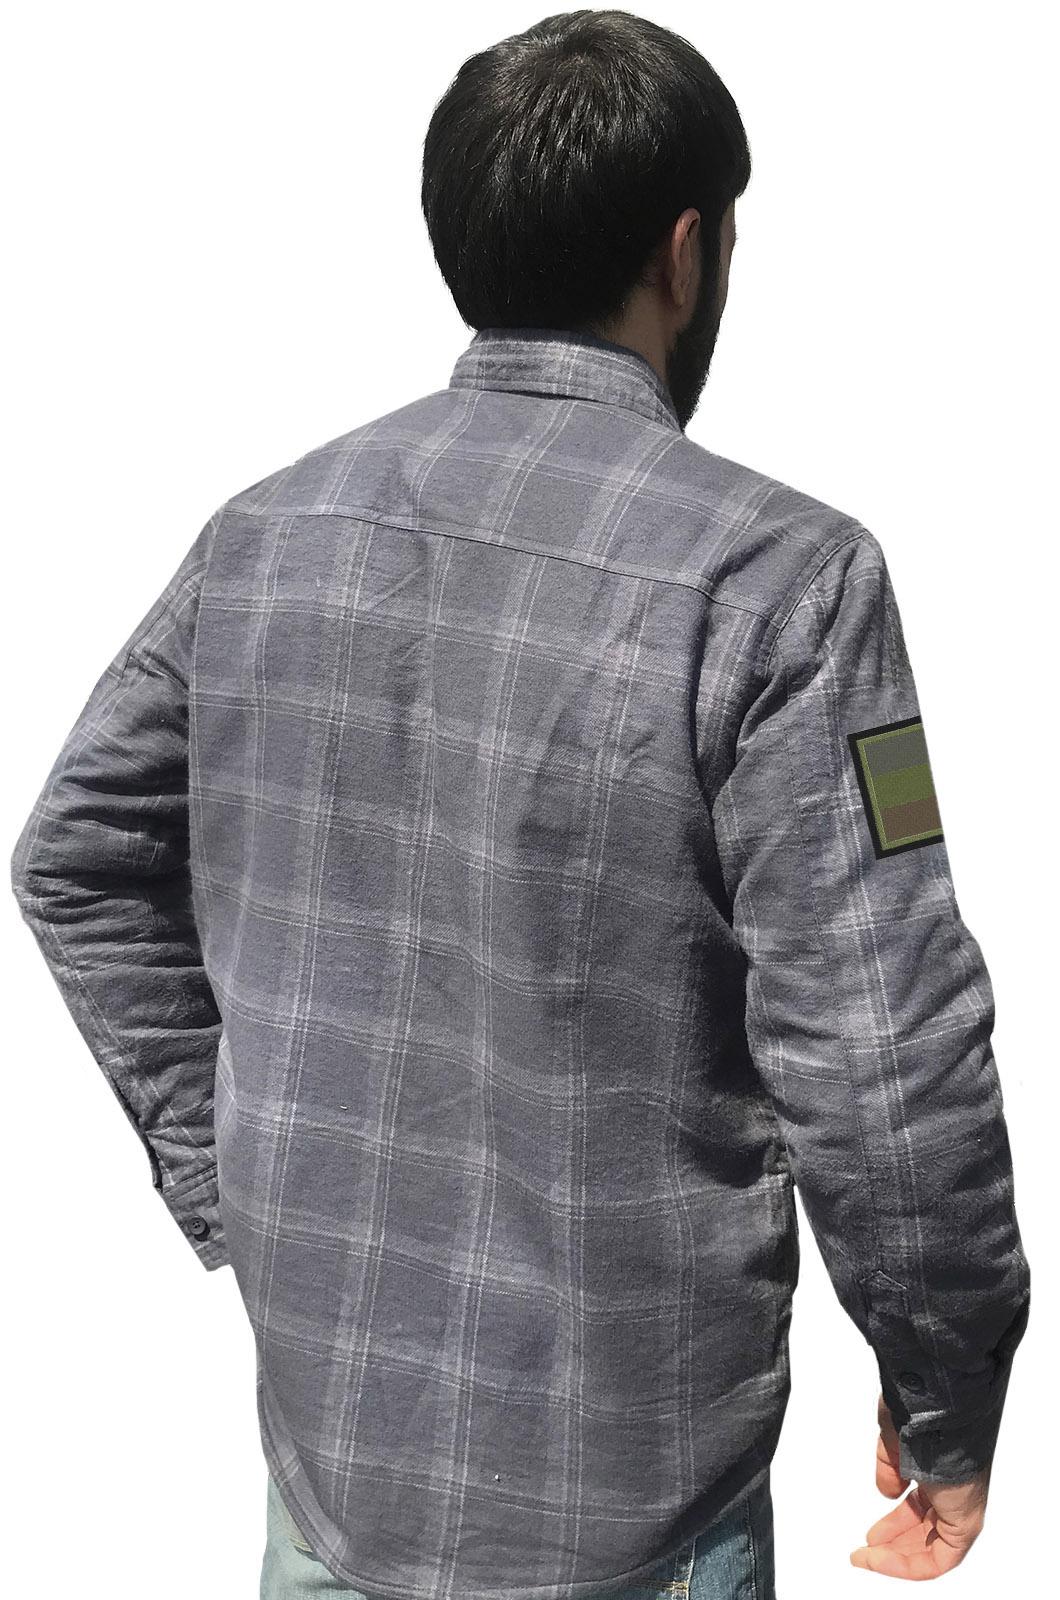 Купить рубашку мужскую с вышитым темным полевым шевроном Россия в подарок мужу